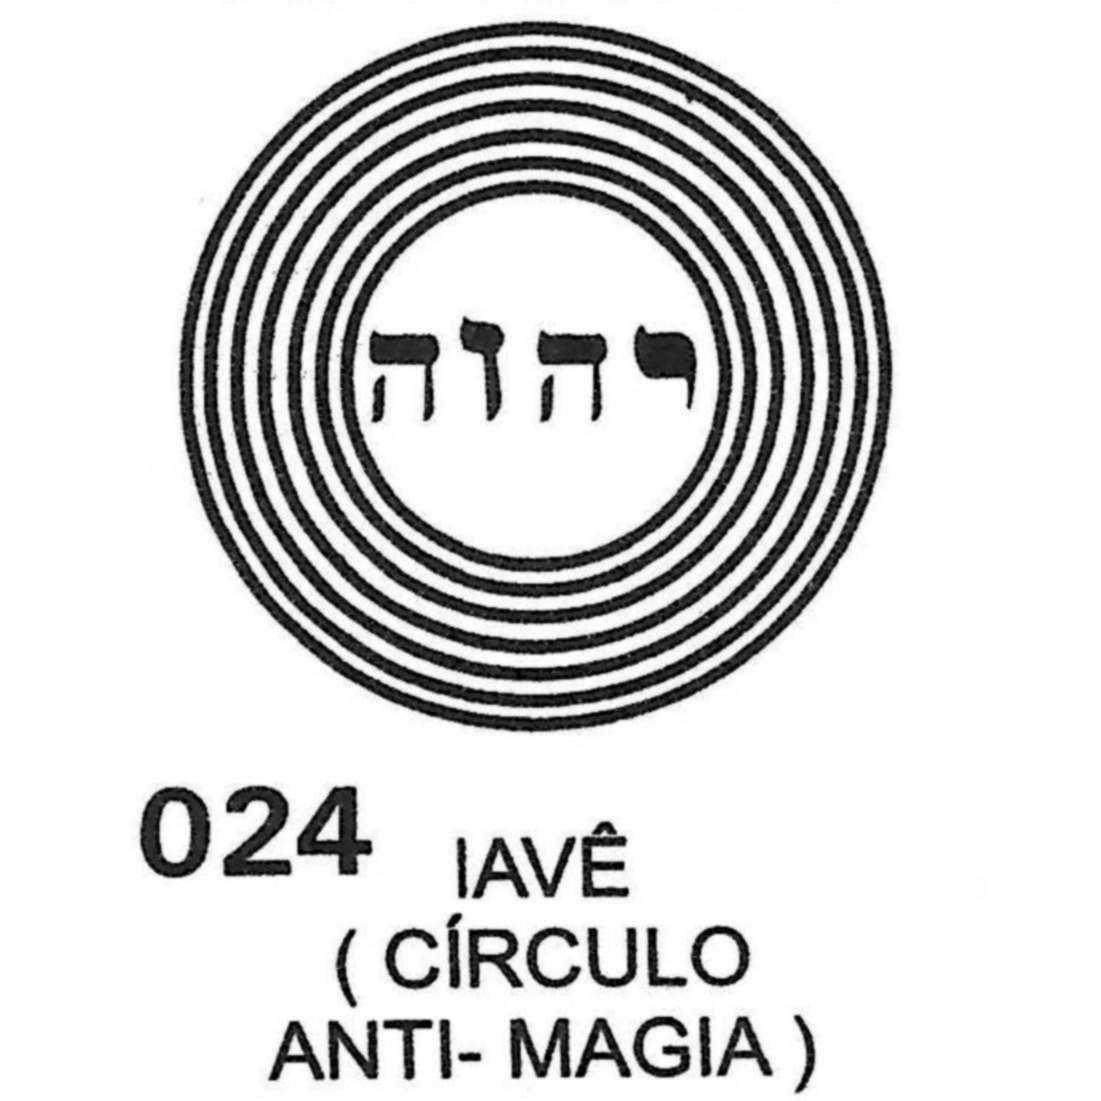 Iavê - Círculo Anti-magia - PVC